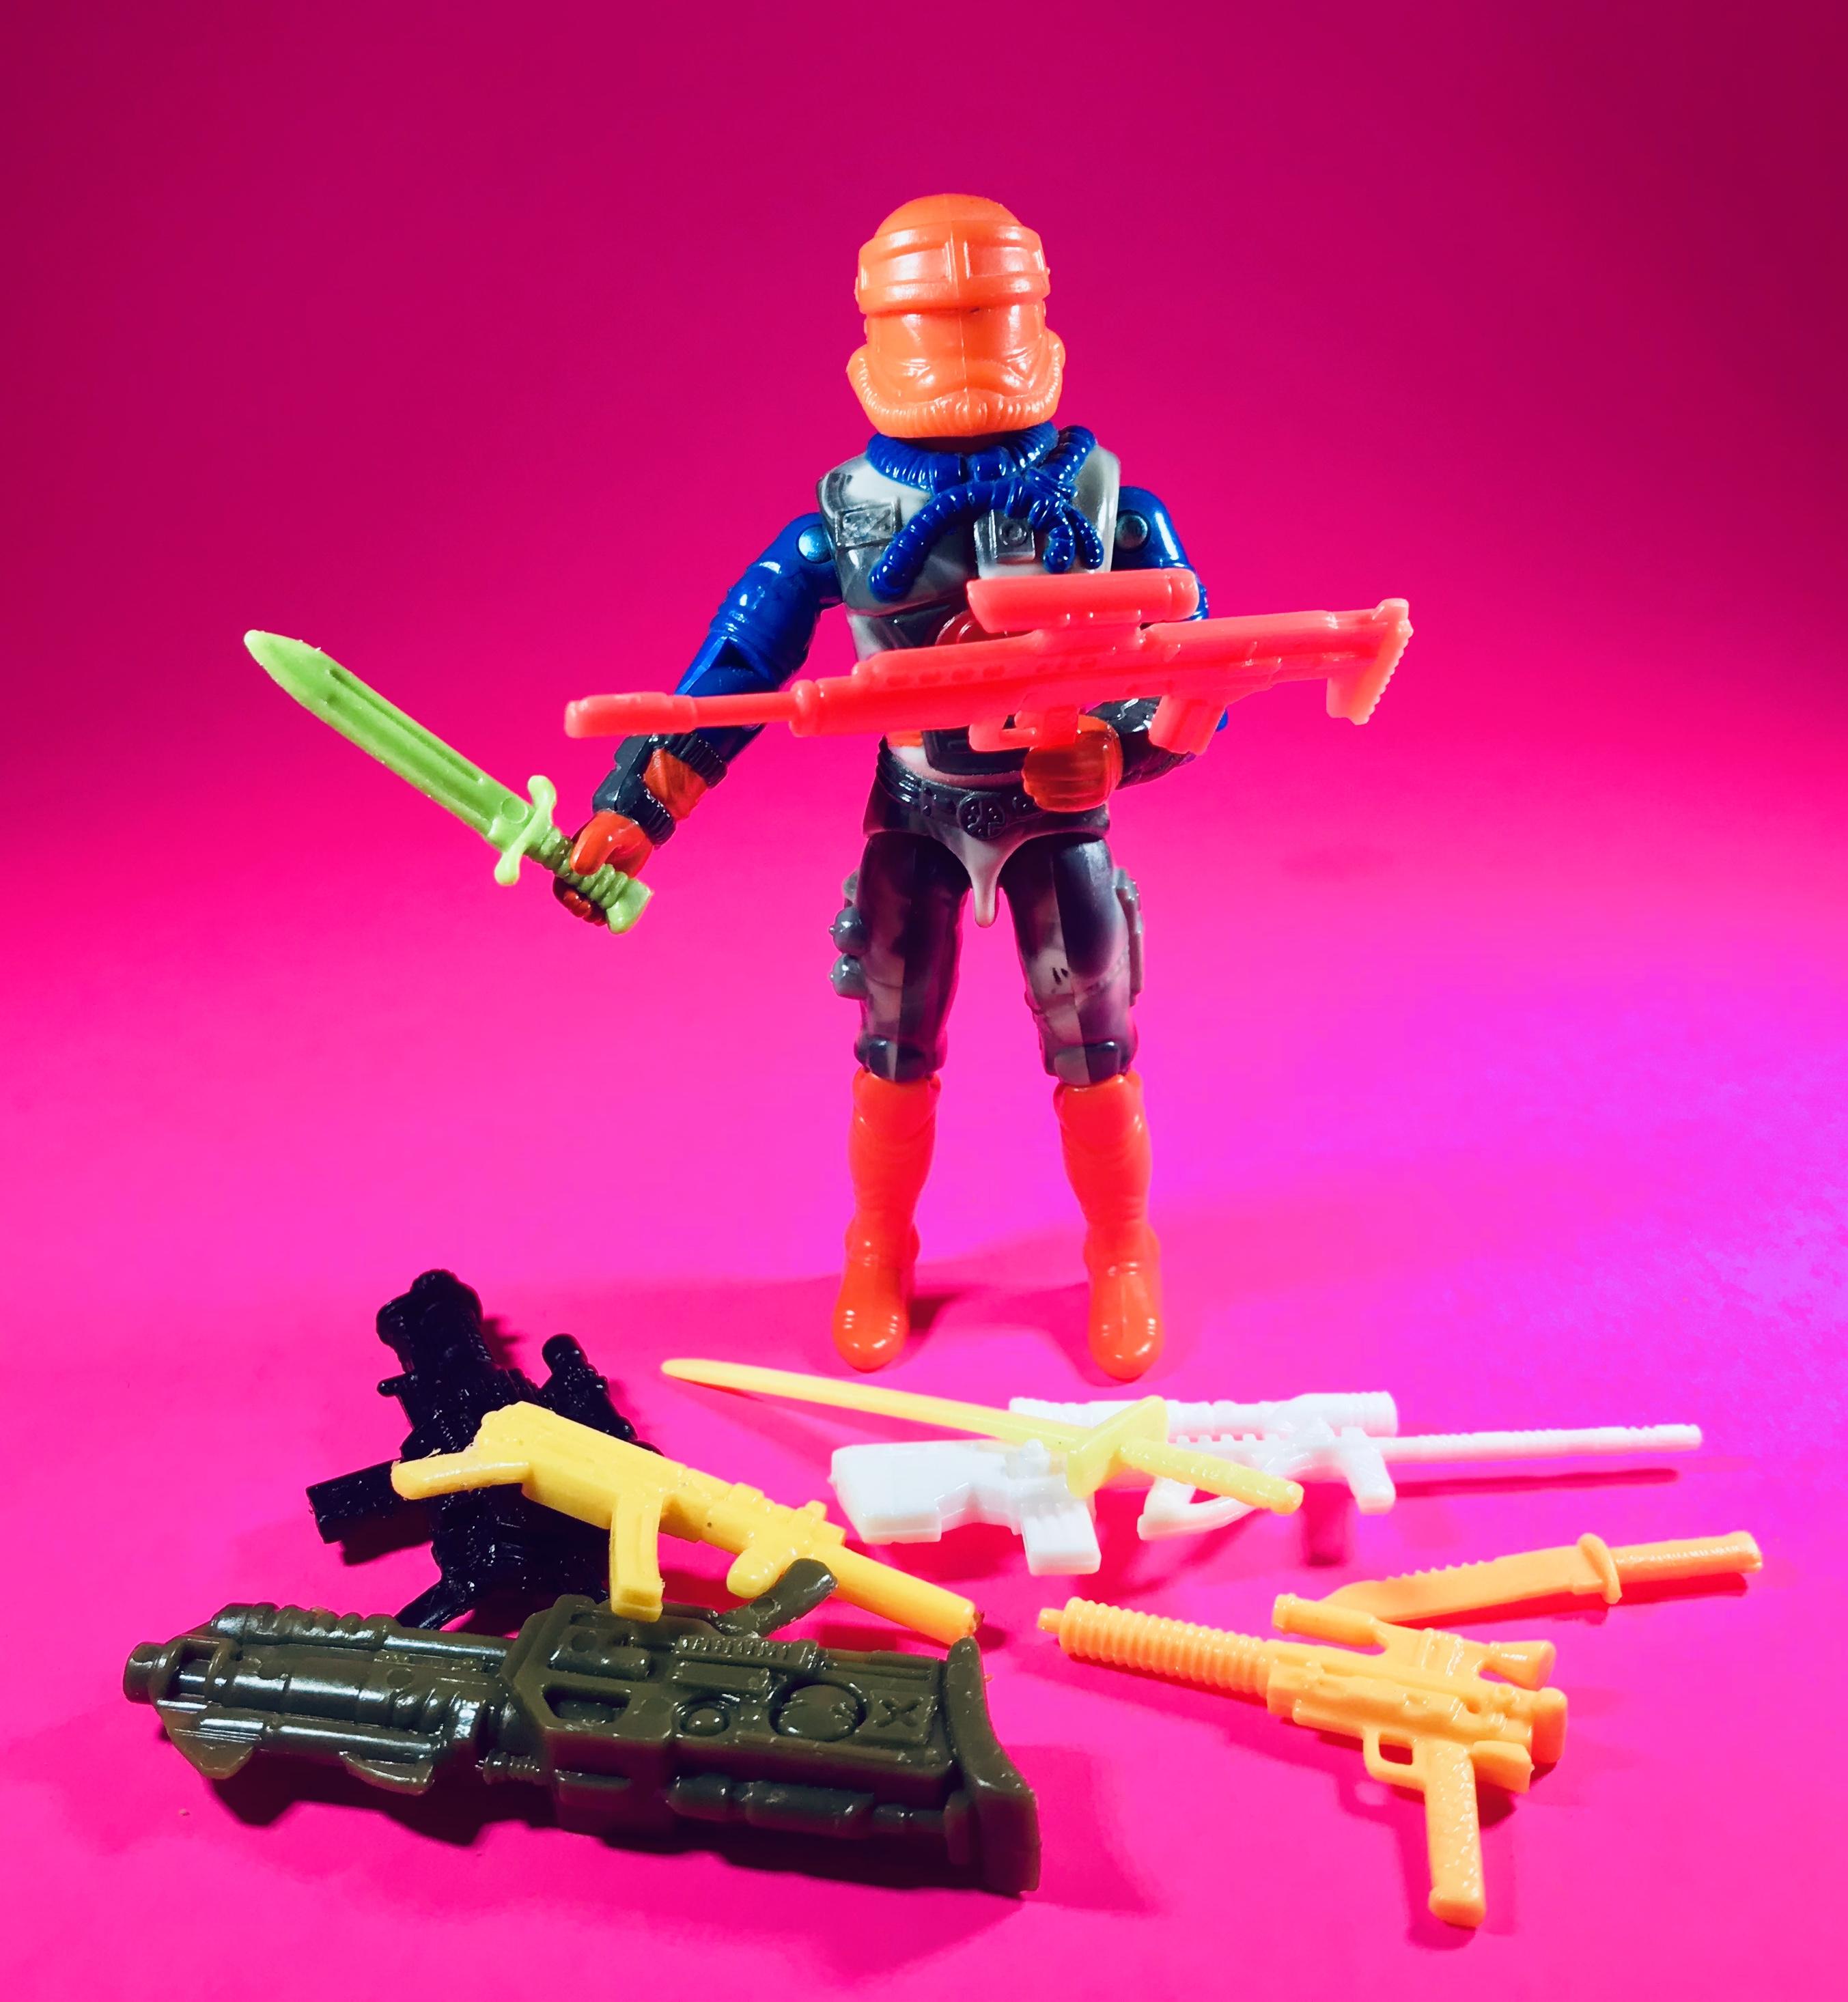 Joe//Action Force//the Corps-Pinky Guy-GI joe figure G.I